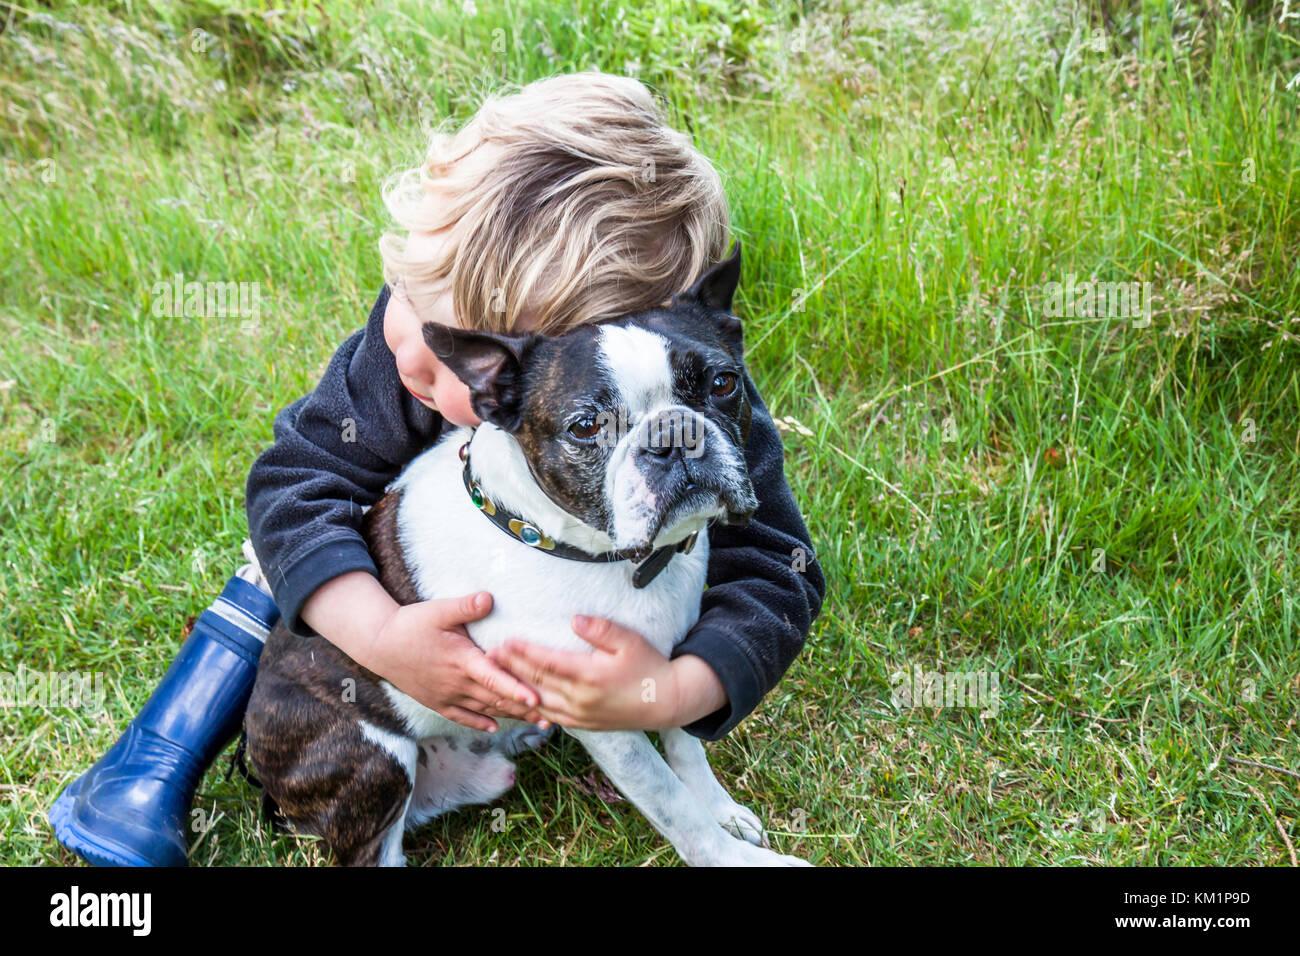 Avec amour de l'enfant et l'enveloppe avec précaution le pug dog Photo Stock